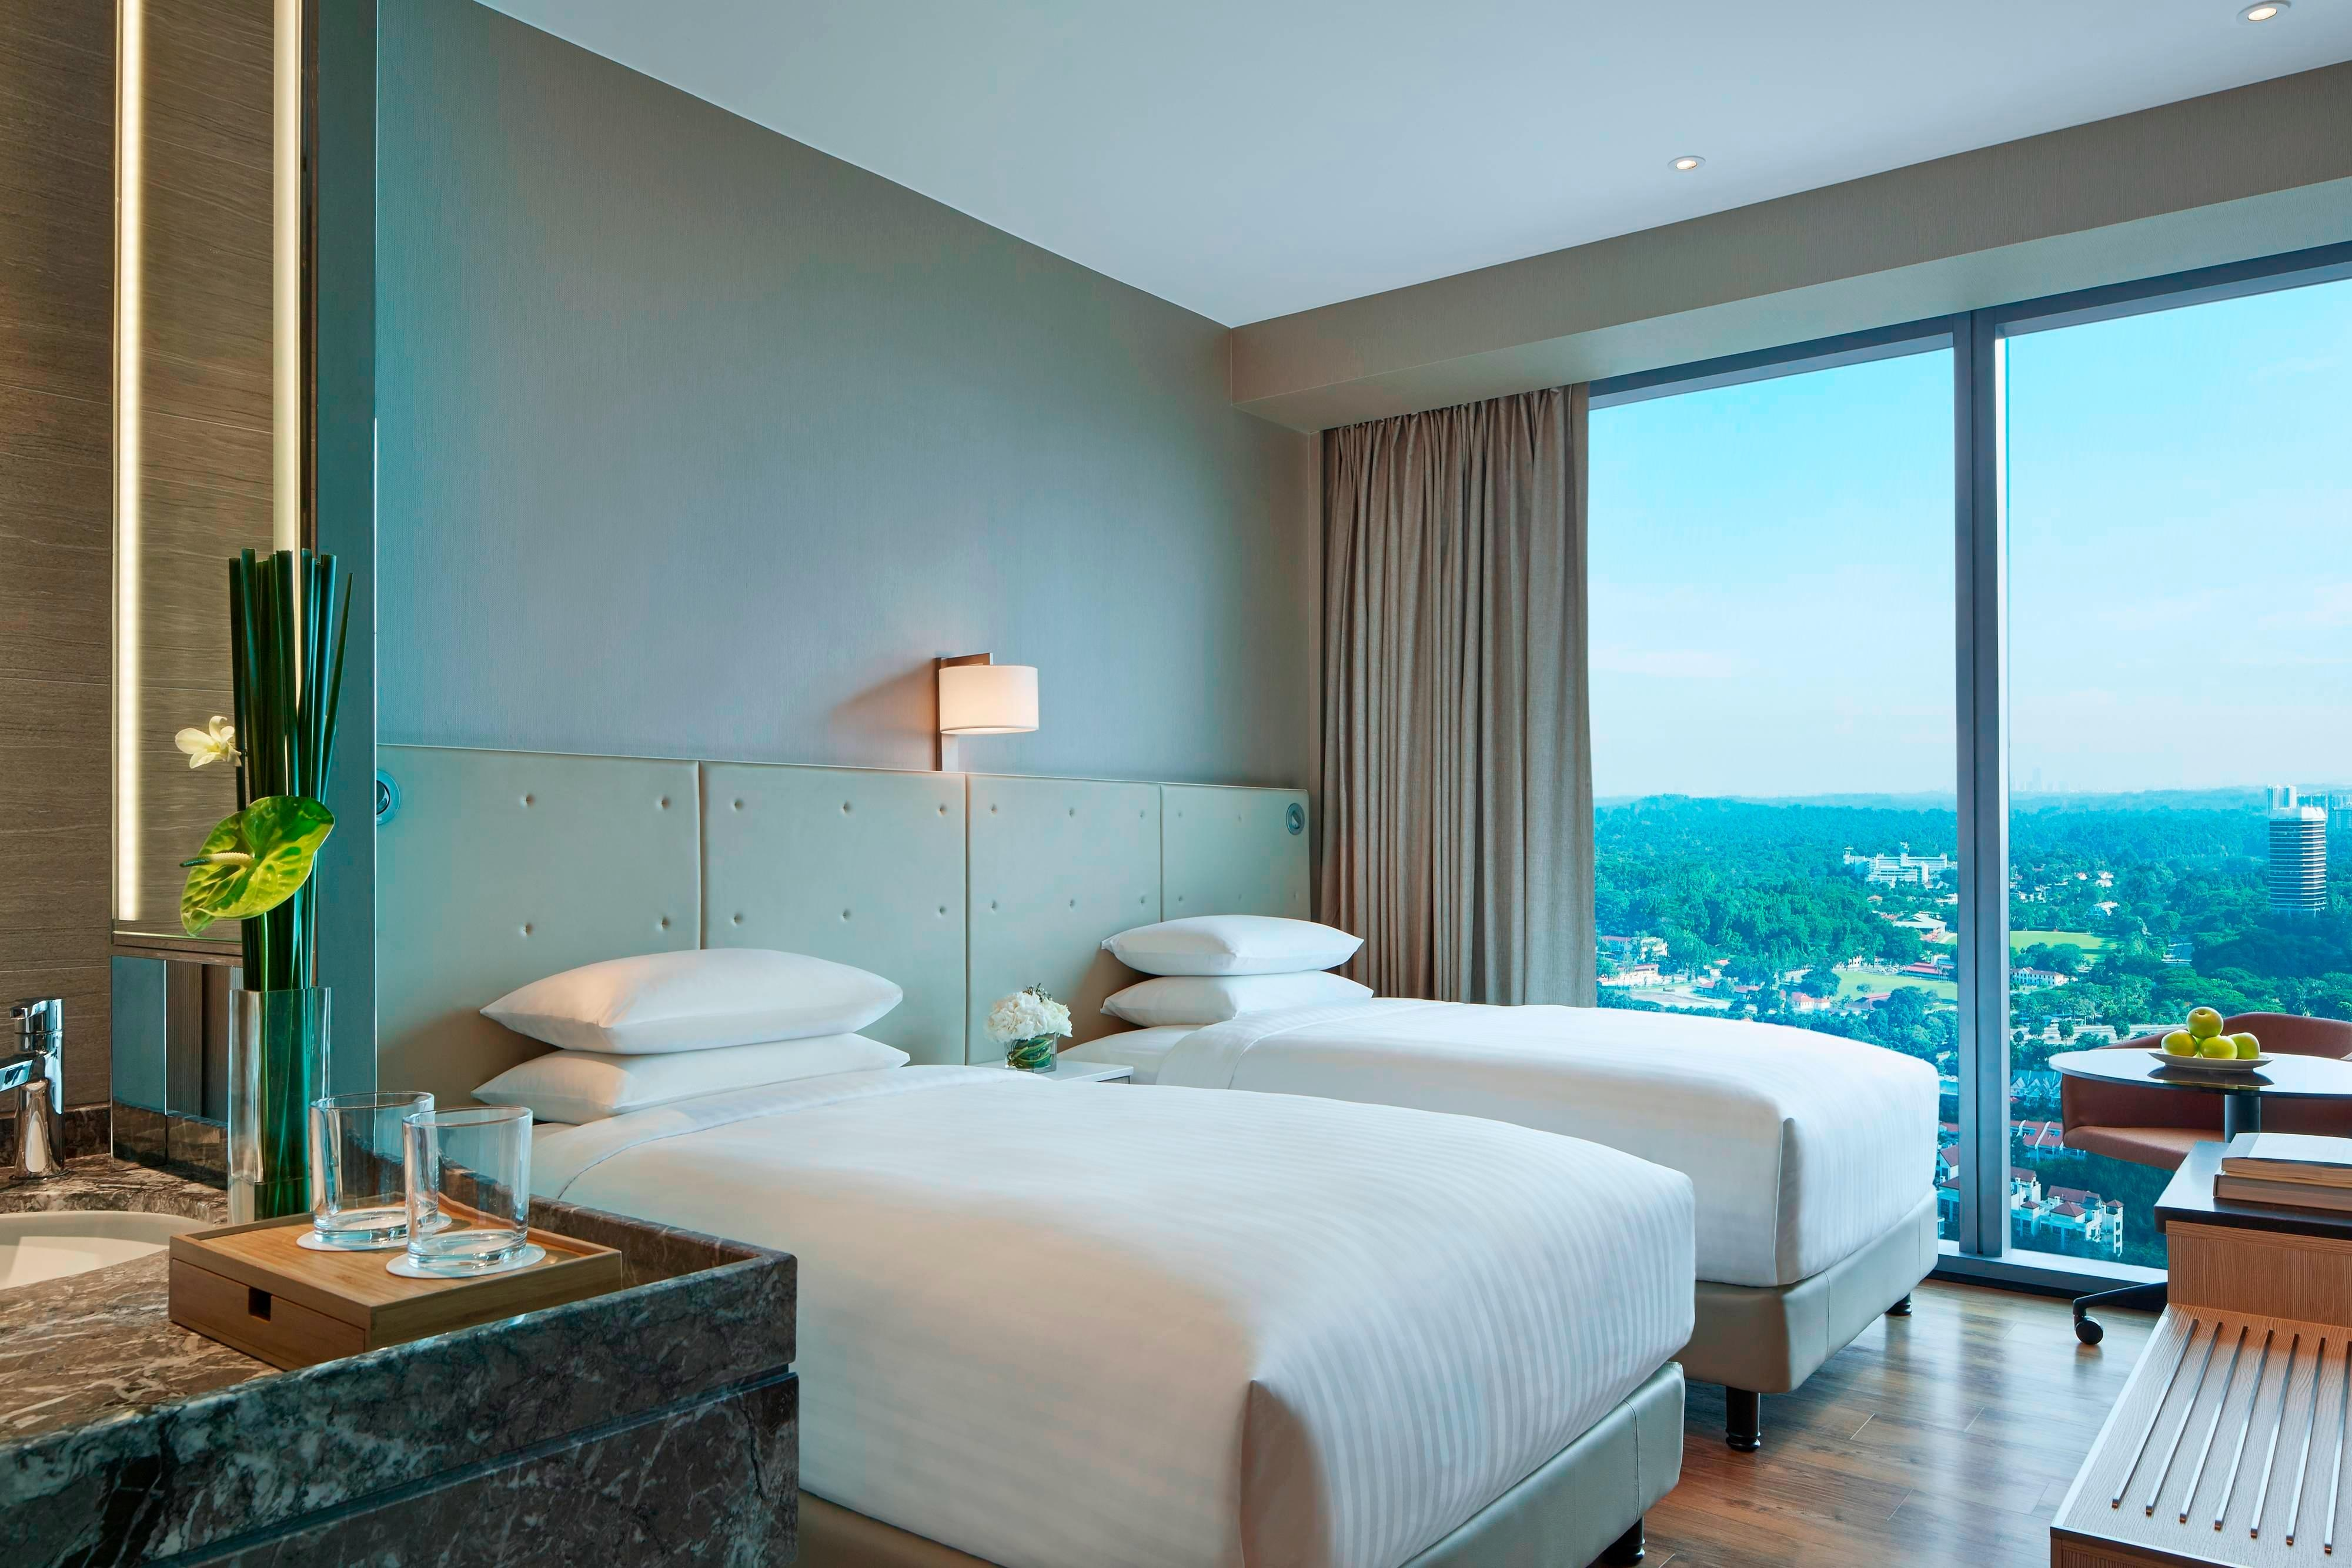 Executive Twin/Gästezimmer mit zwei Twinsize-Betten